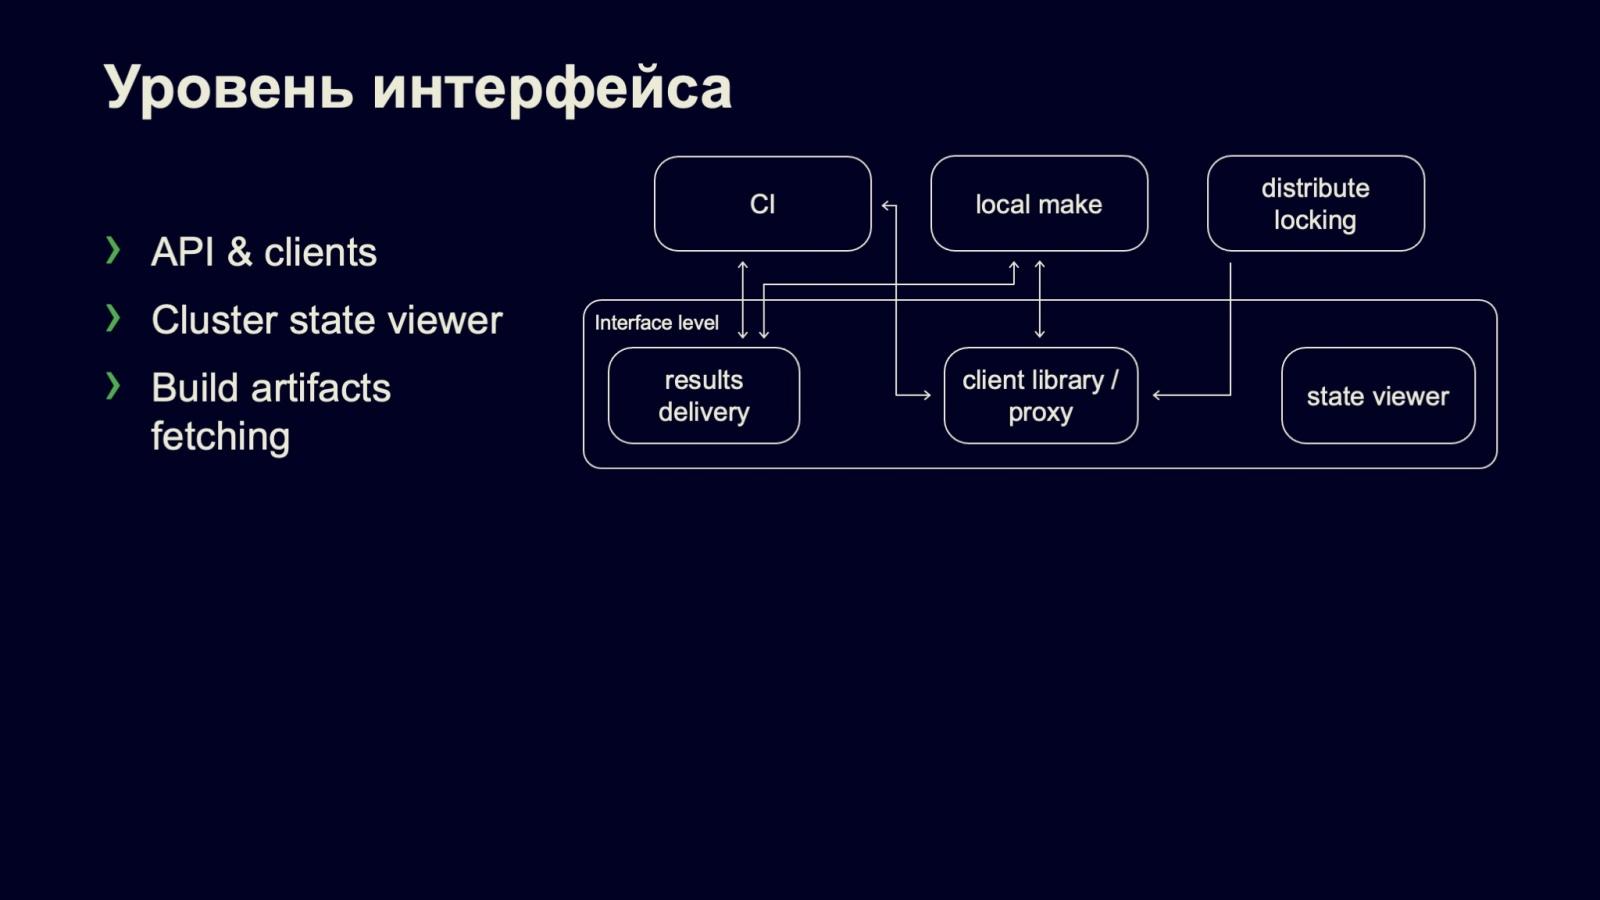 Сборка и тестирование в монорепозитории: кластер распределённой сборки DistBuild. Доклад Яндекса - 8